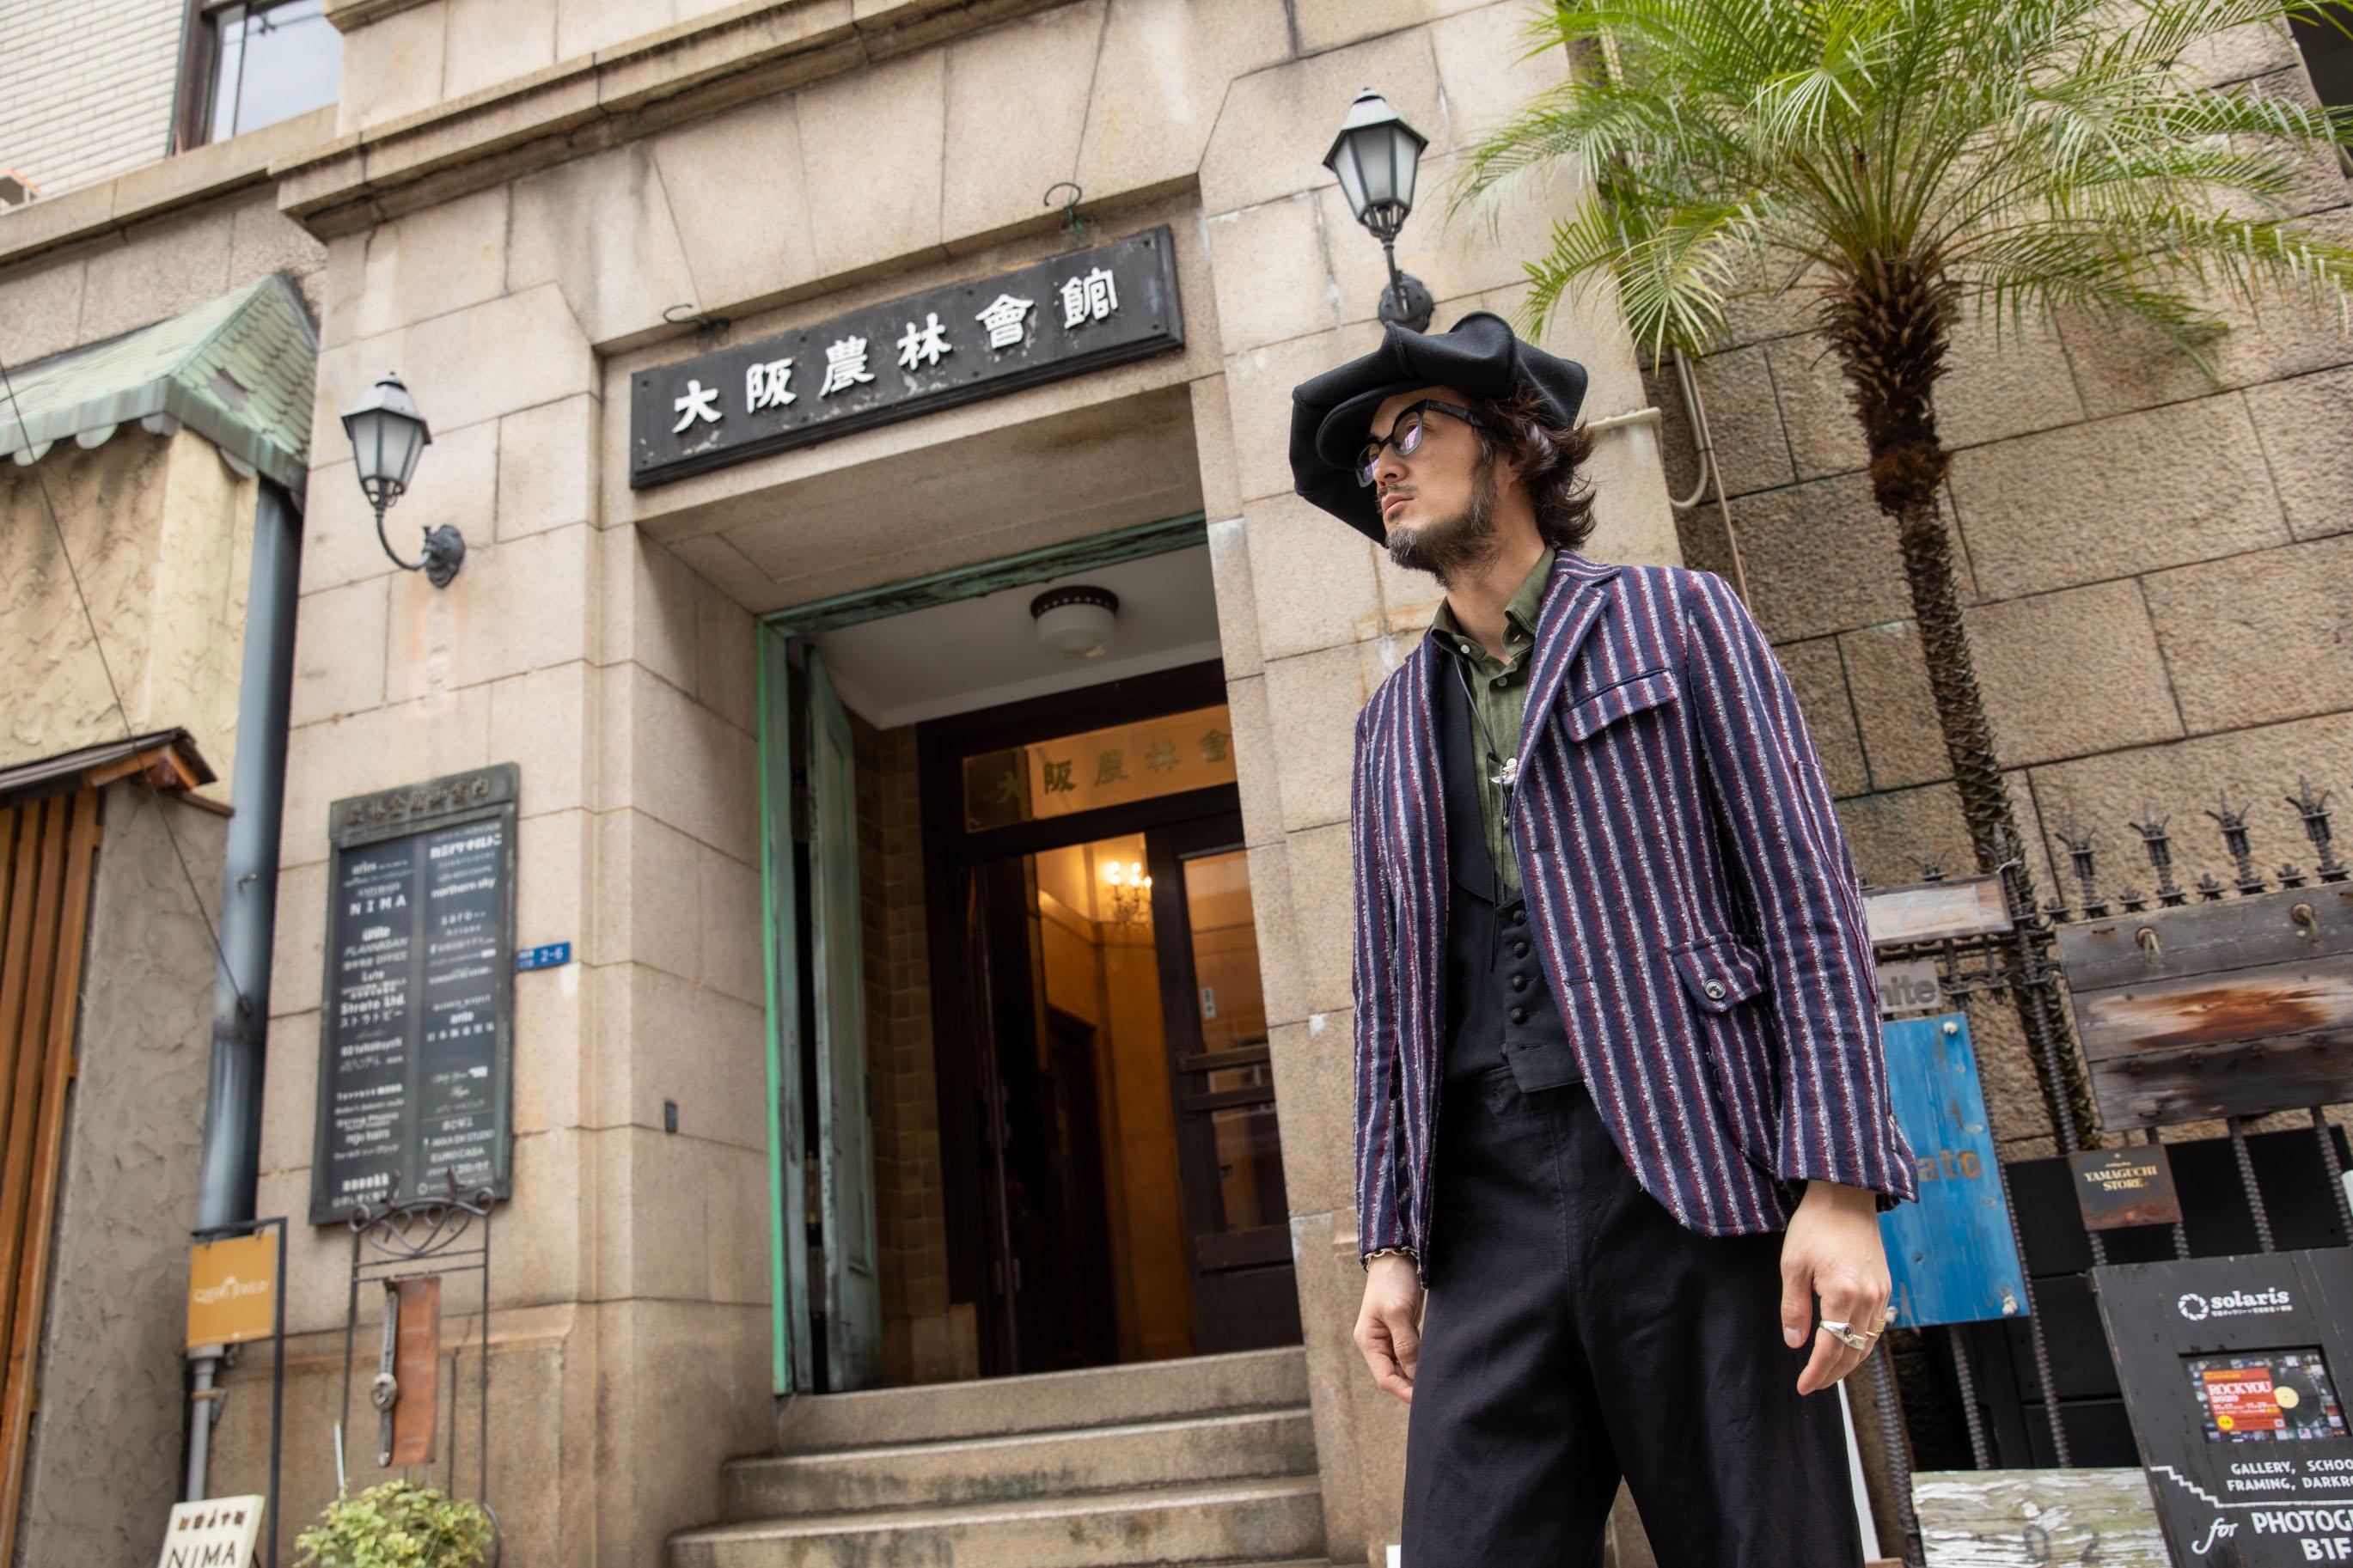 大阪農林会館のショップオーナーが語る「足を運んで買うということ」vol.1